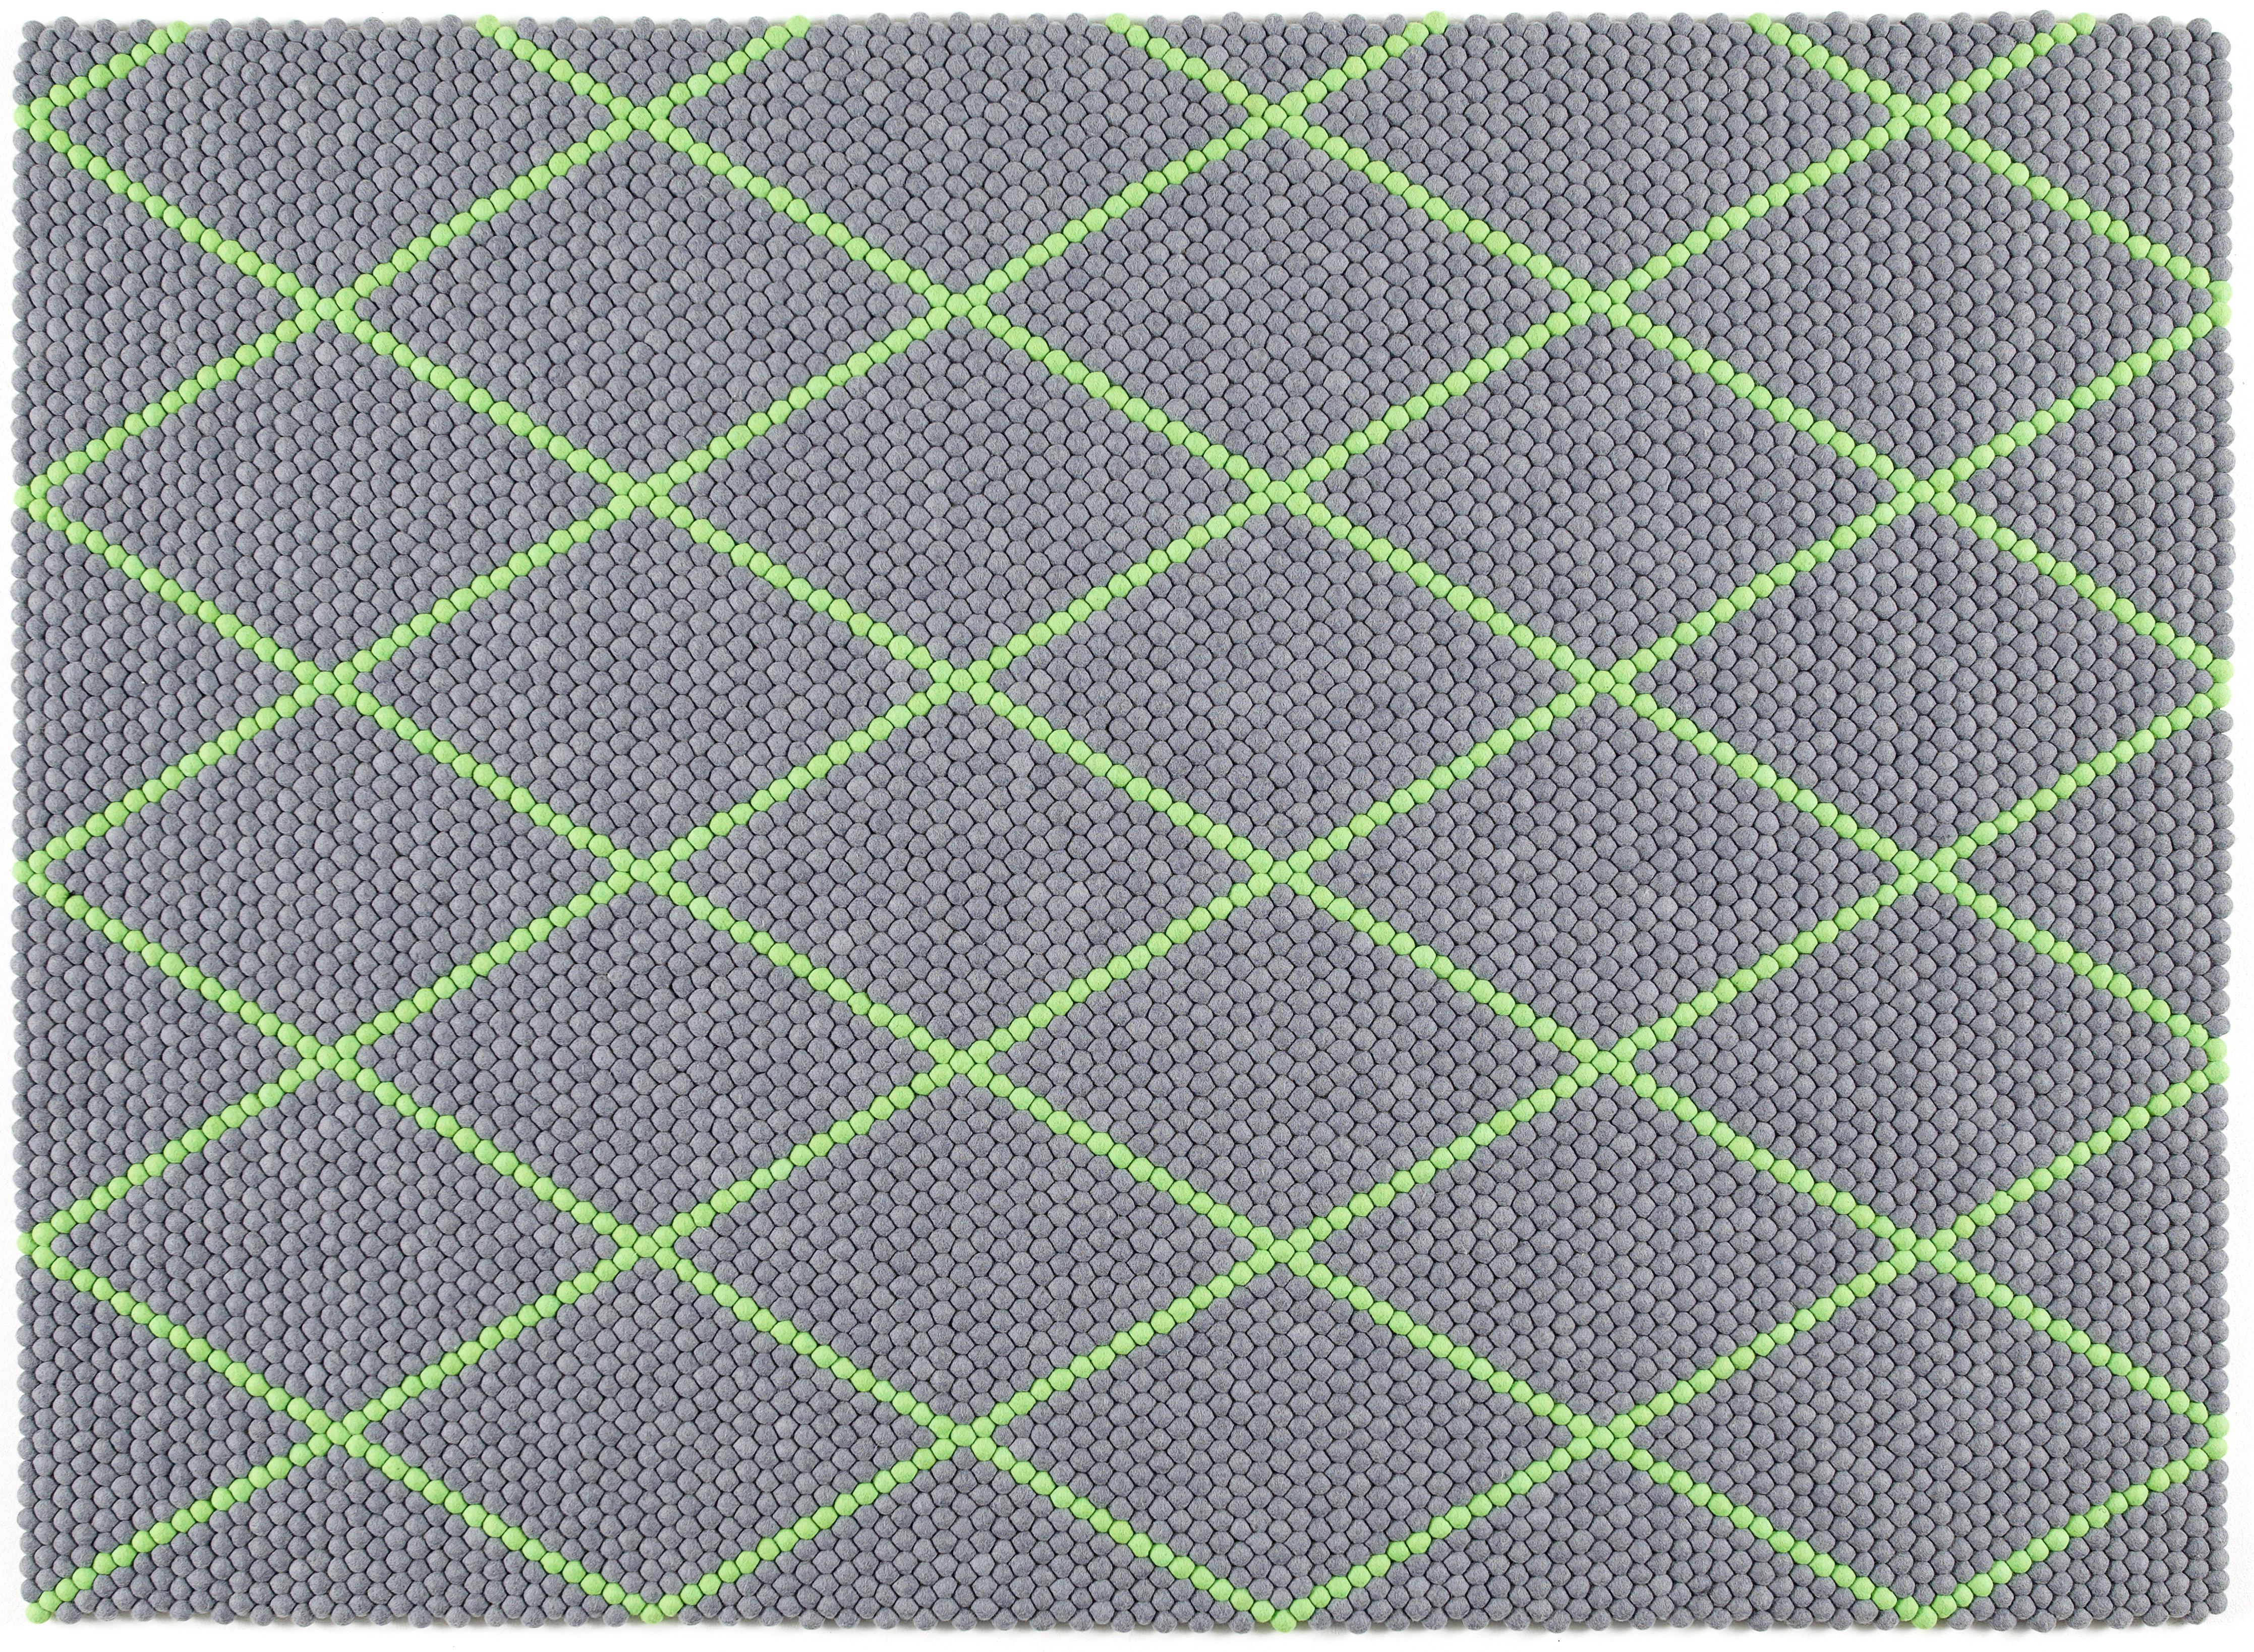 Mobilier - Tapis - Tapis S&B Dot 200 x 150 cm - Hay - Vert électrique / Gris foncé - Laine